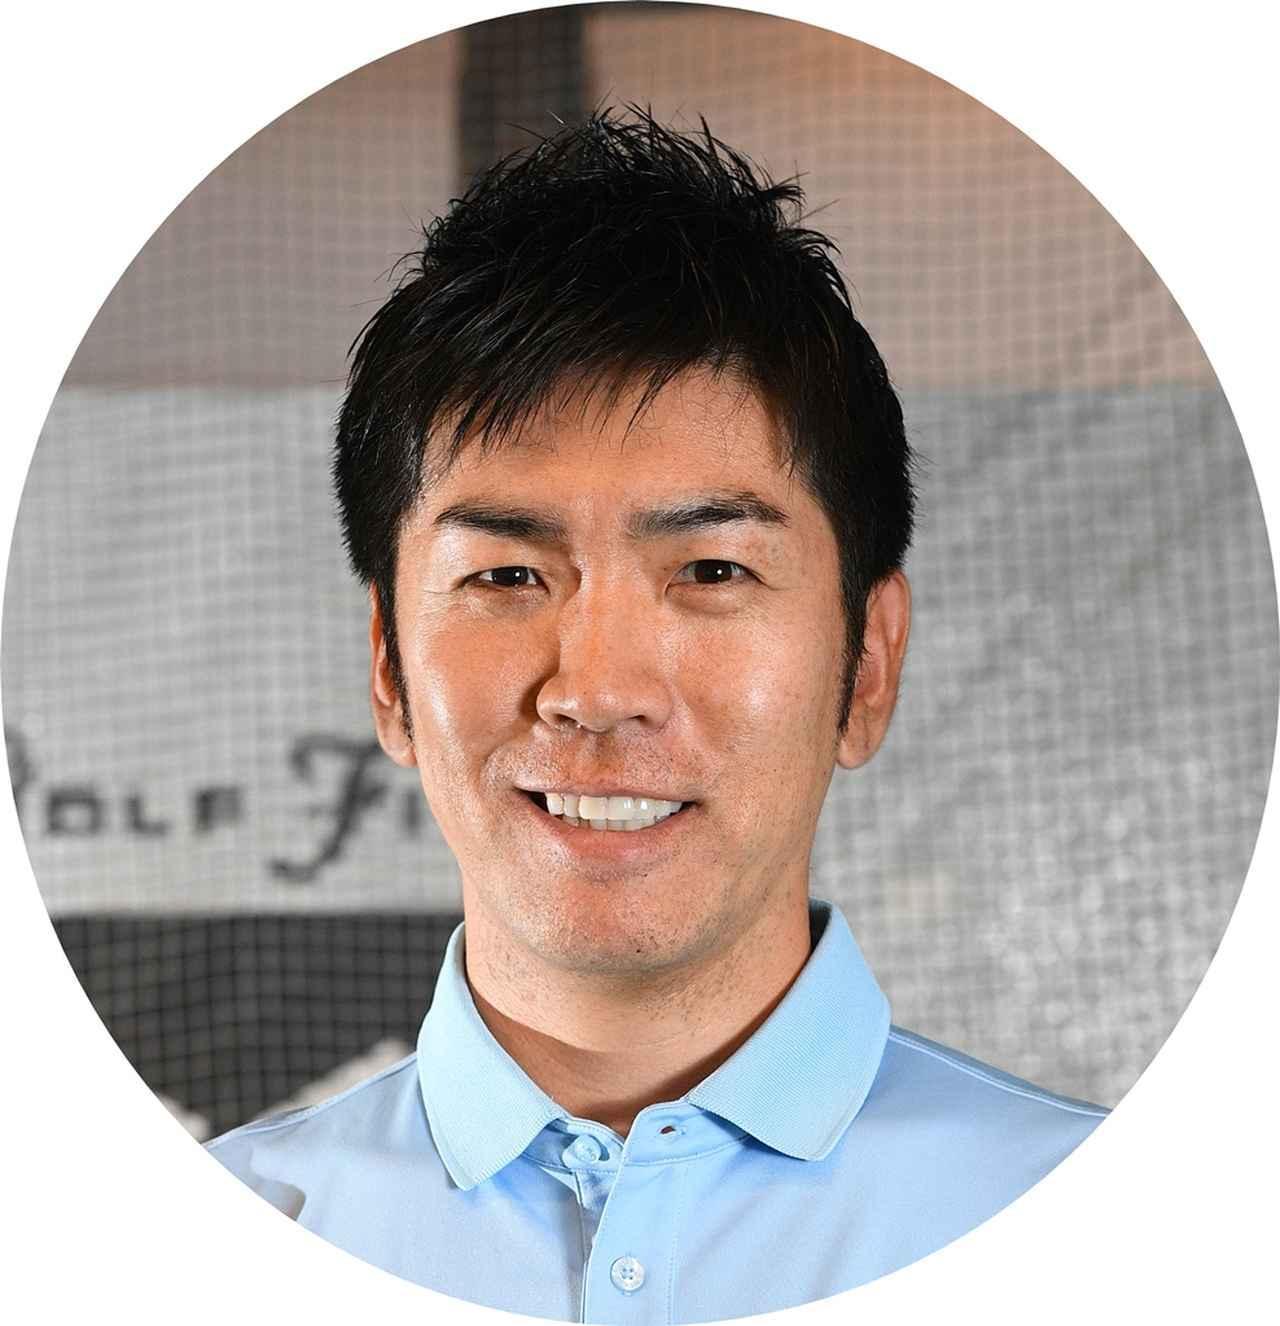 画像: 「教えた人」 吉田洋一郎プロ 本誌連載「Dr.クォンの反力打法」でおなじみ。D・レッドベターをはじめ、世界の名コーチのもとを訪れ、最新理論を直接吸収。探求・研究に余念がないスウィング構築のスペシャリスト。トータルゴルフフィットネスでレッスンを展開中